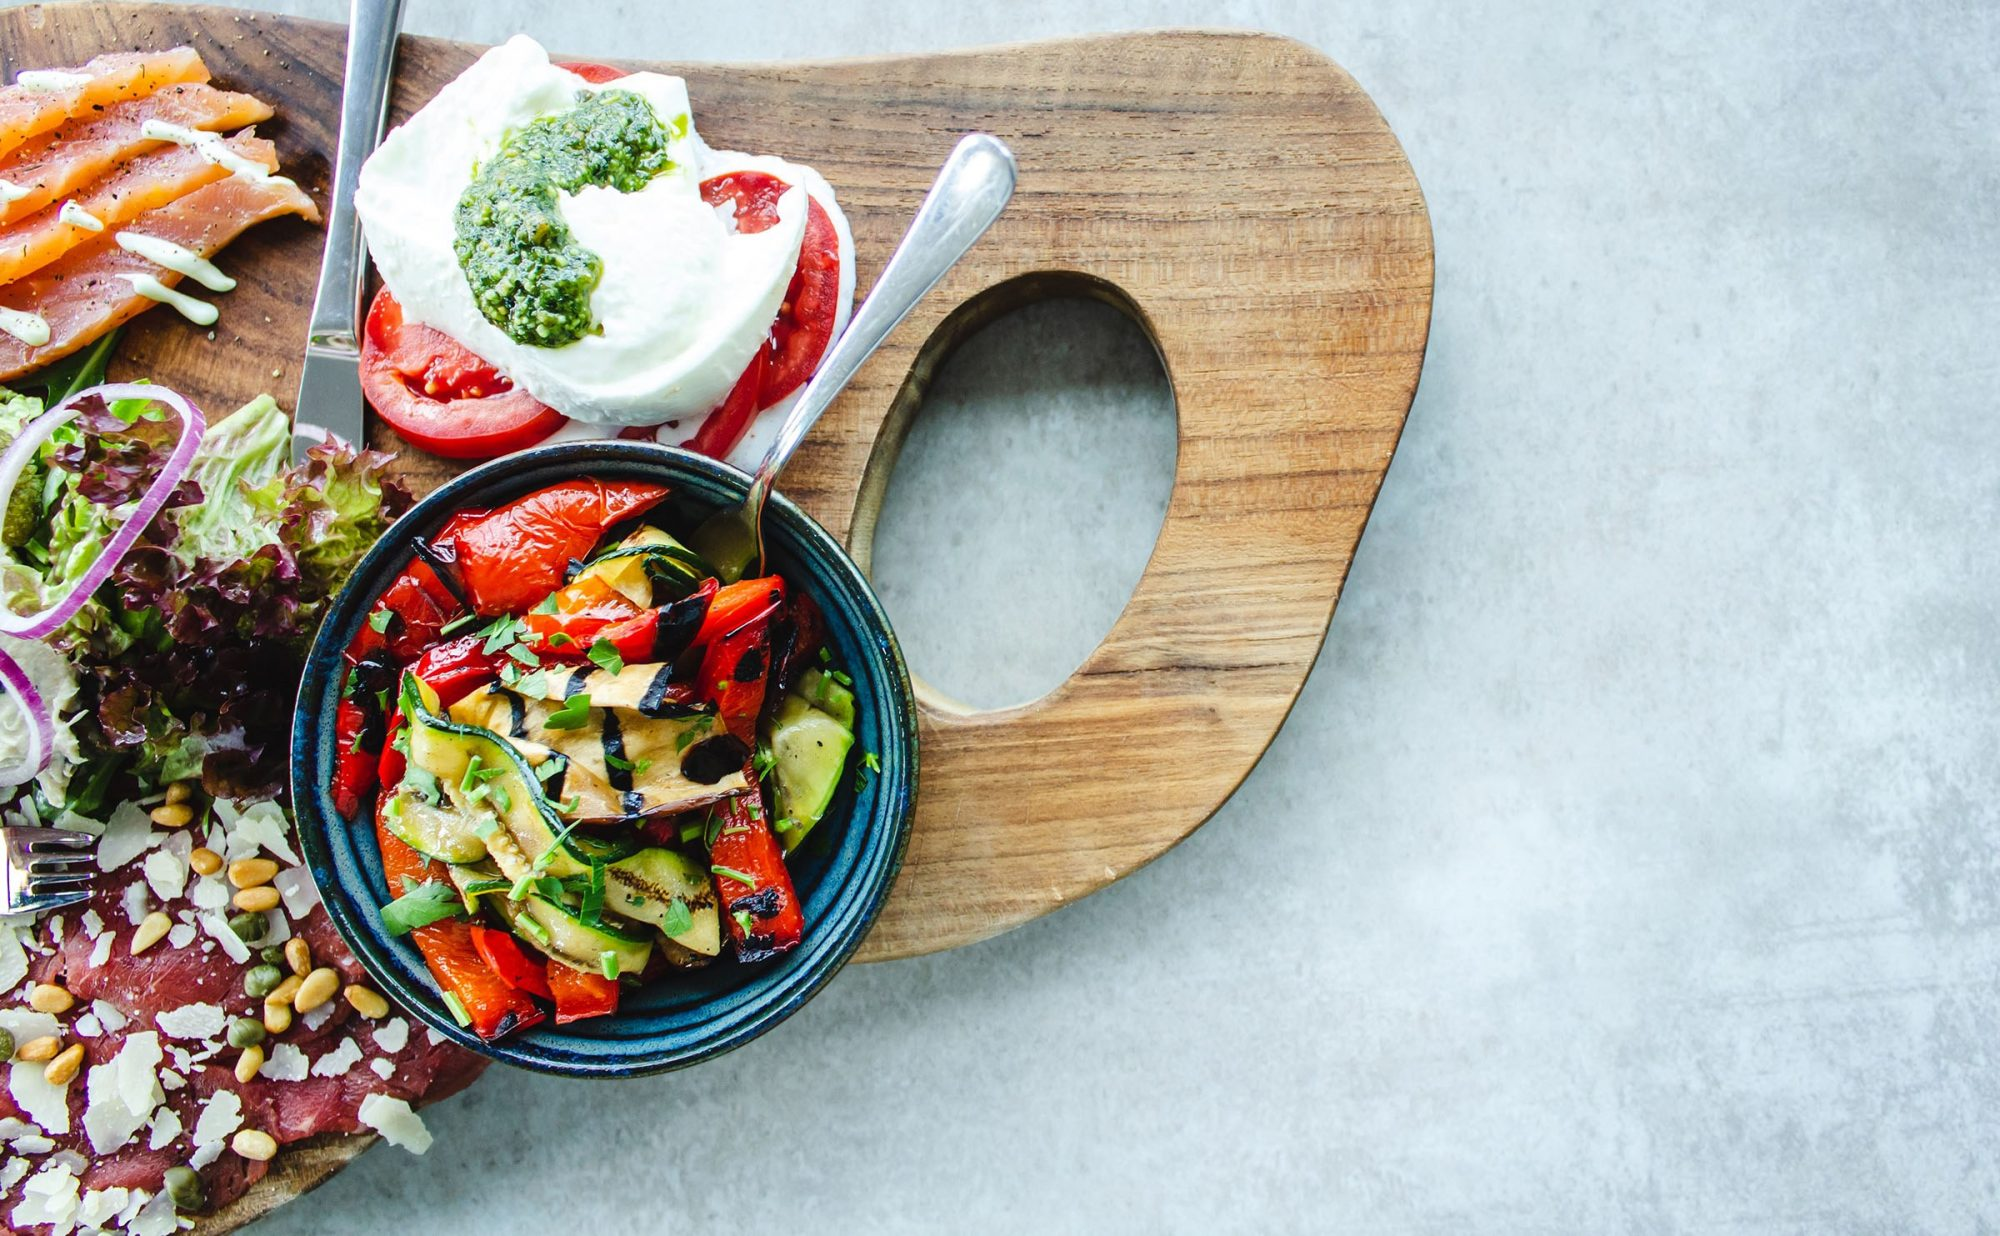 Spread of healthy food